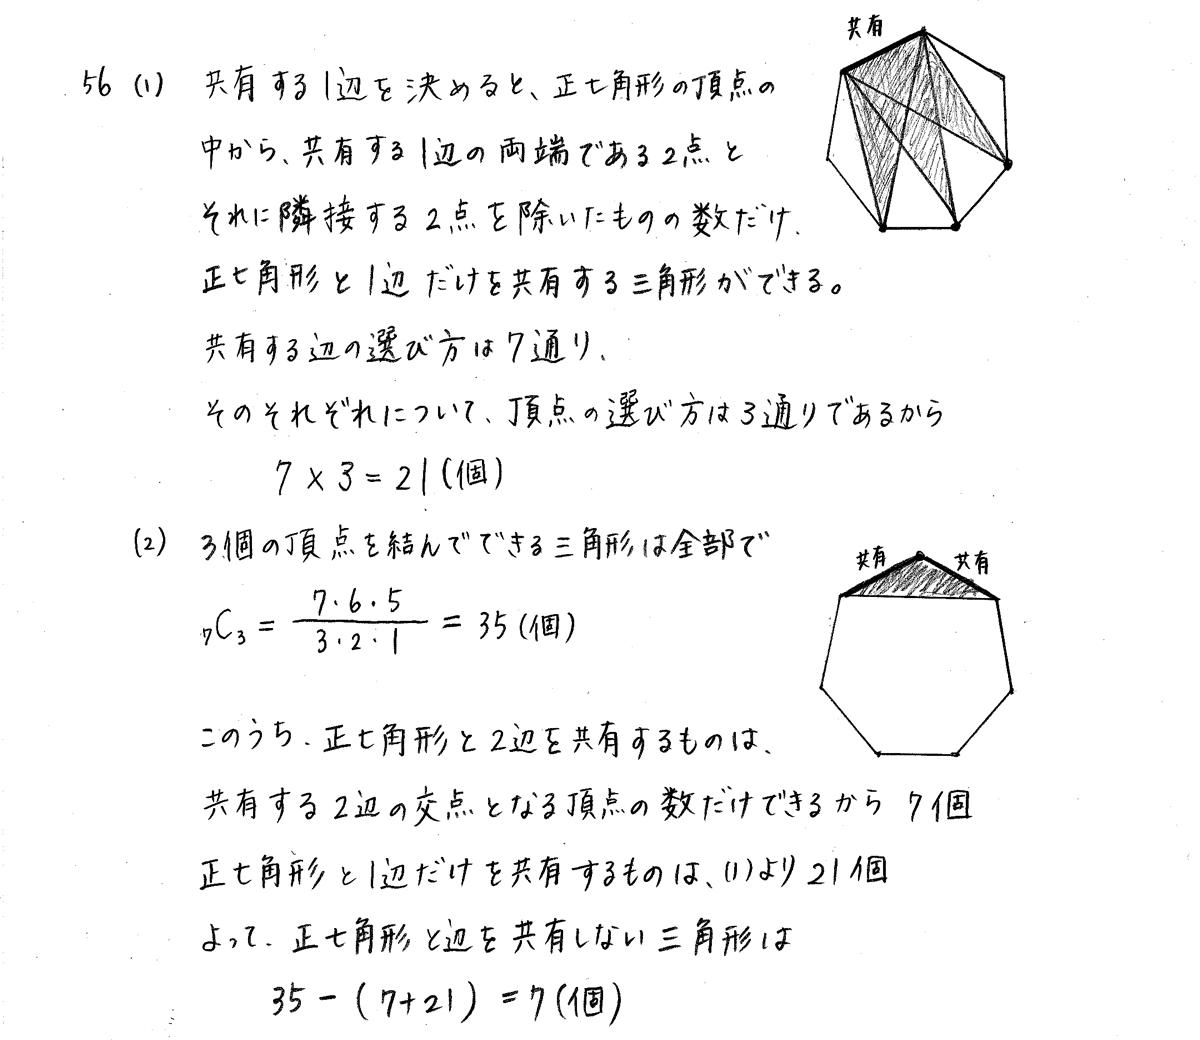 クリアー数学A-56解答